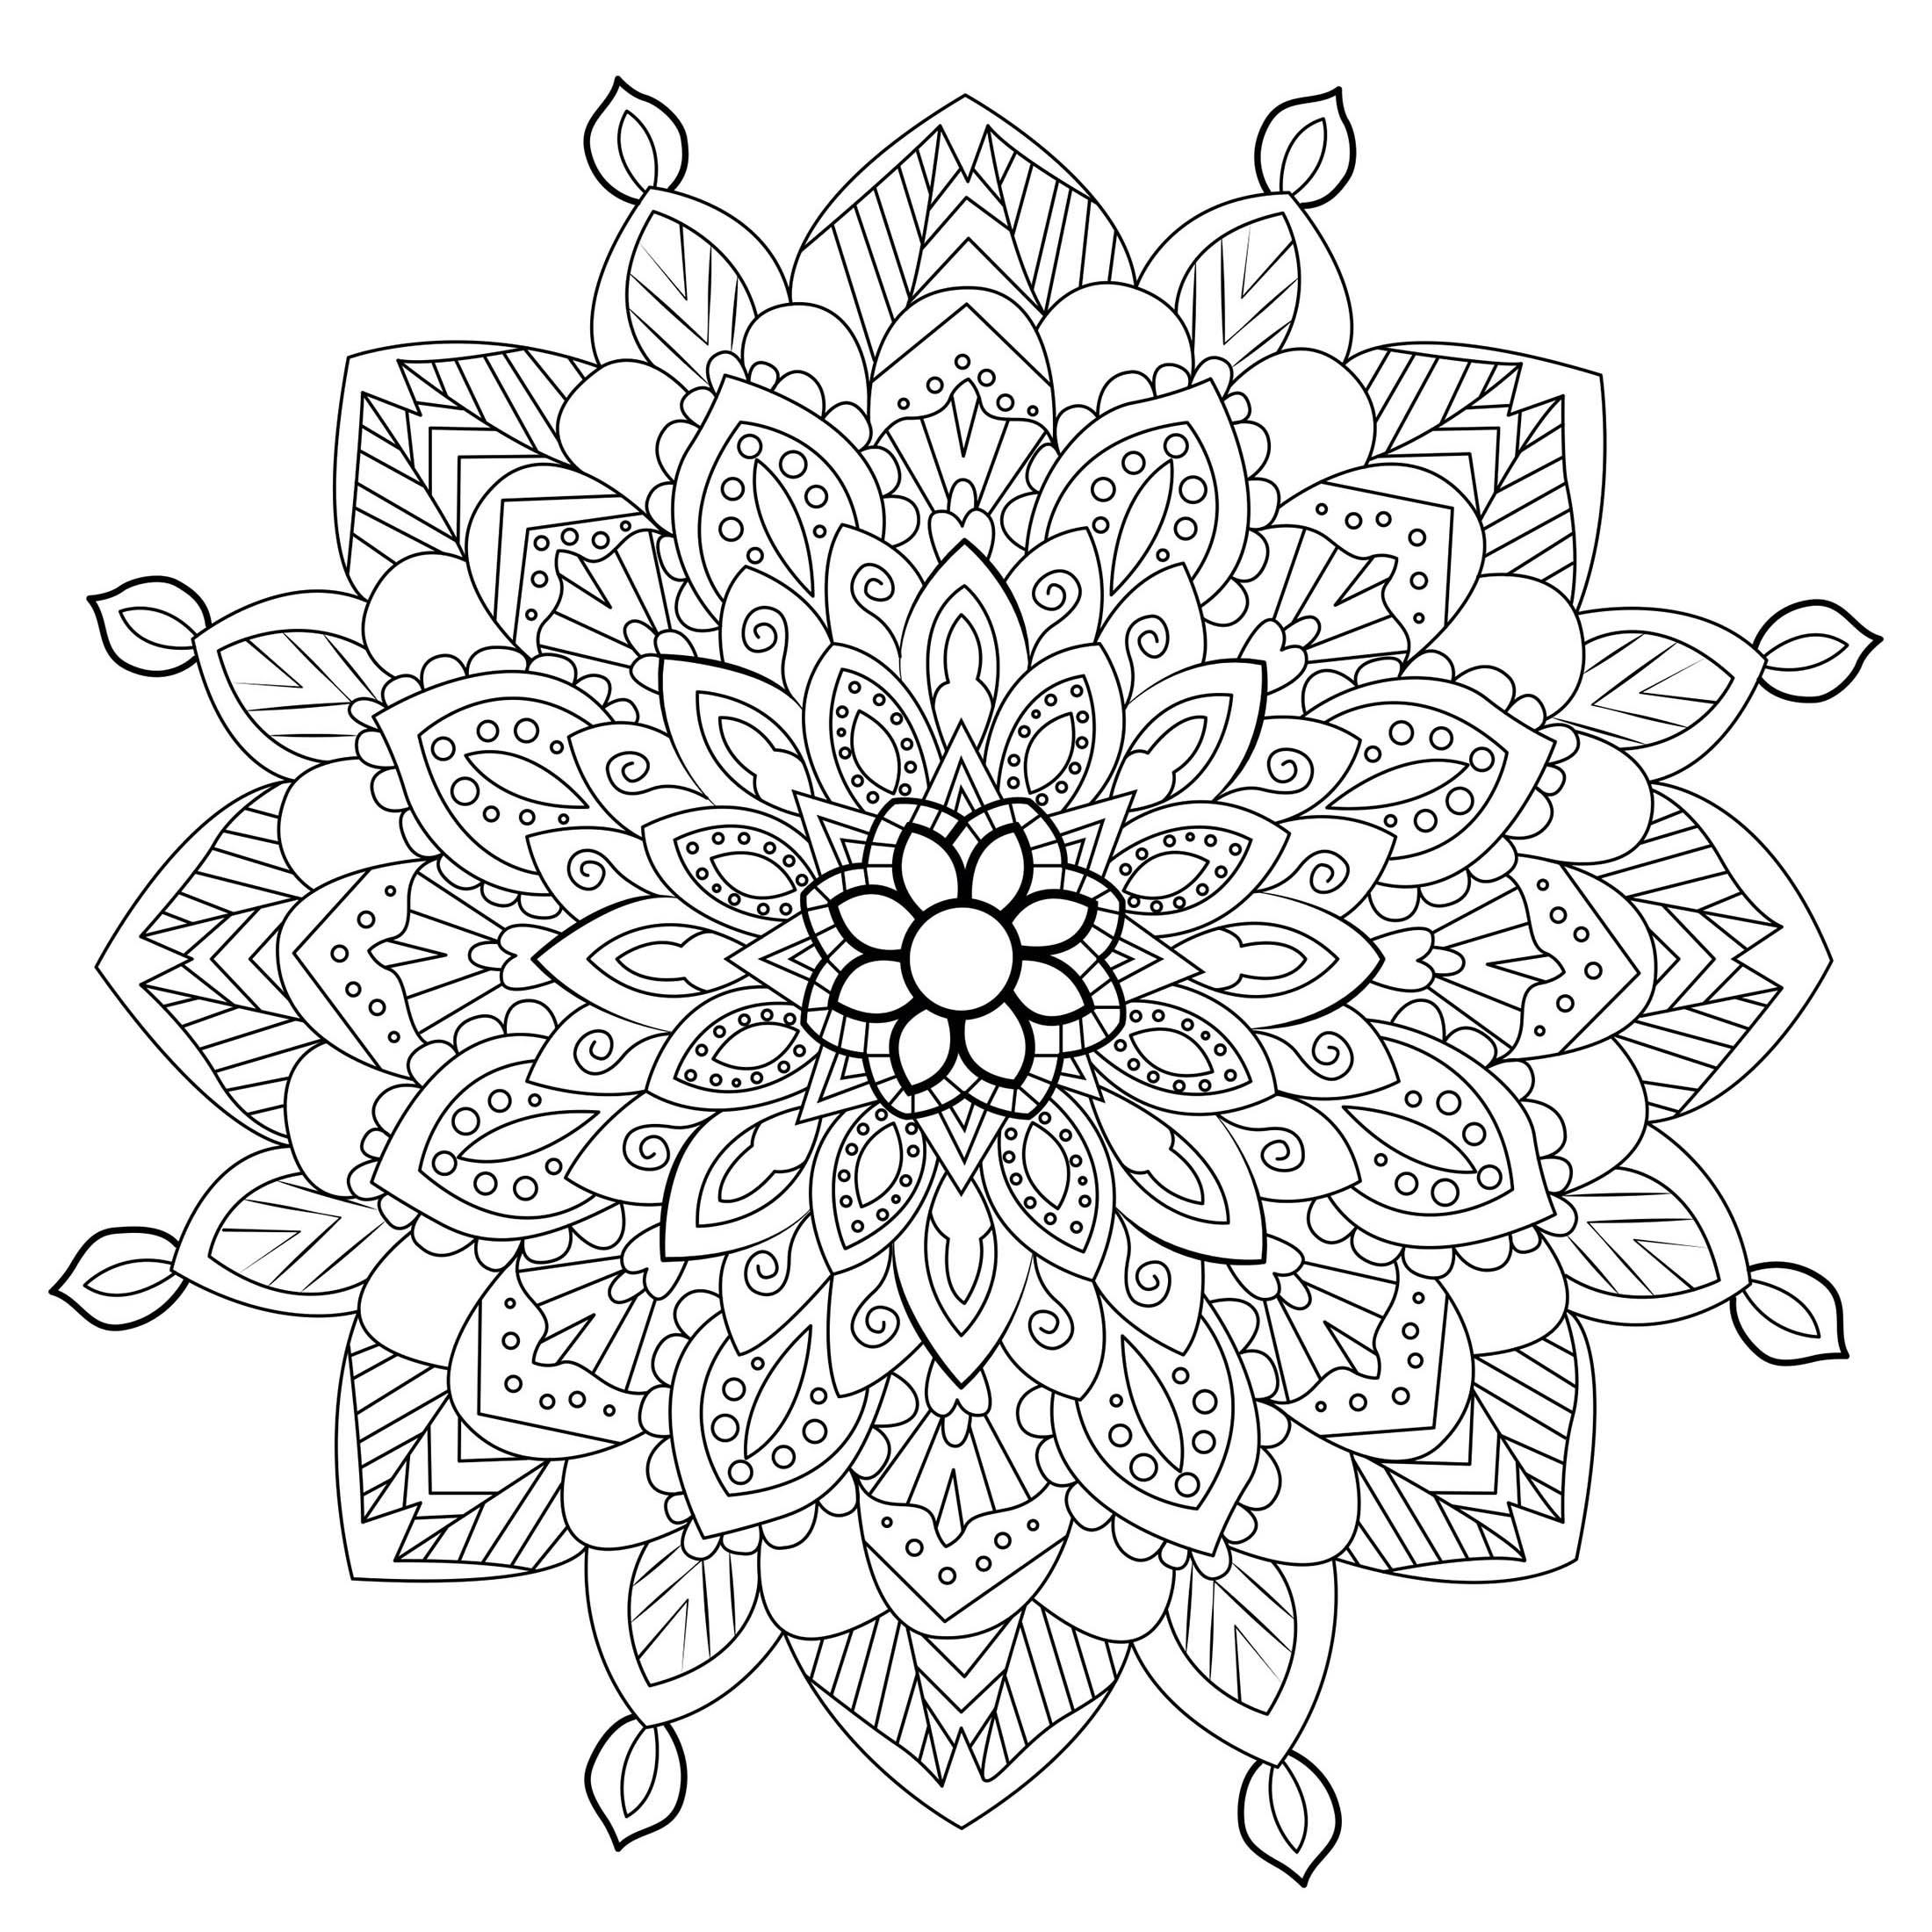 Disegni da colorare per adulti : Mandalas - 1